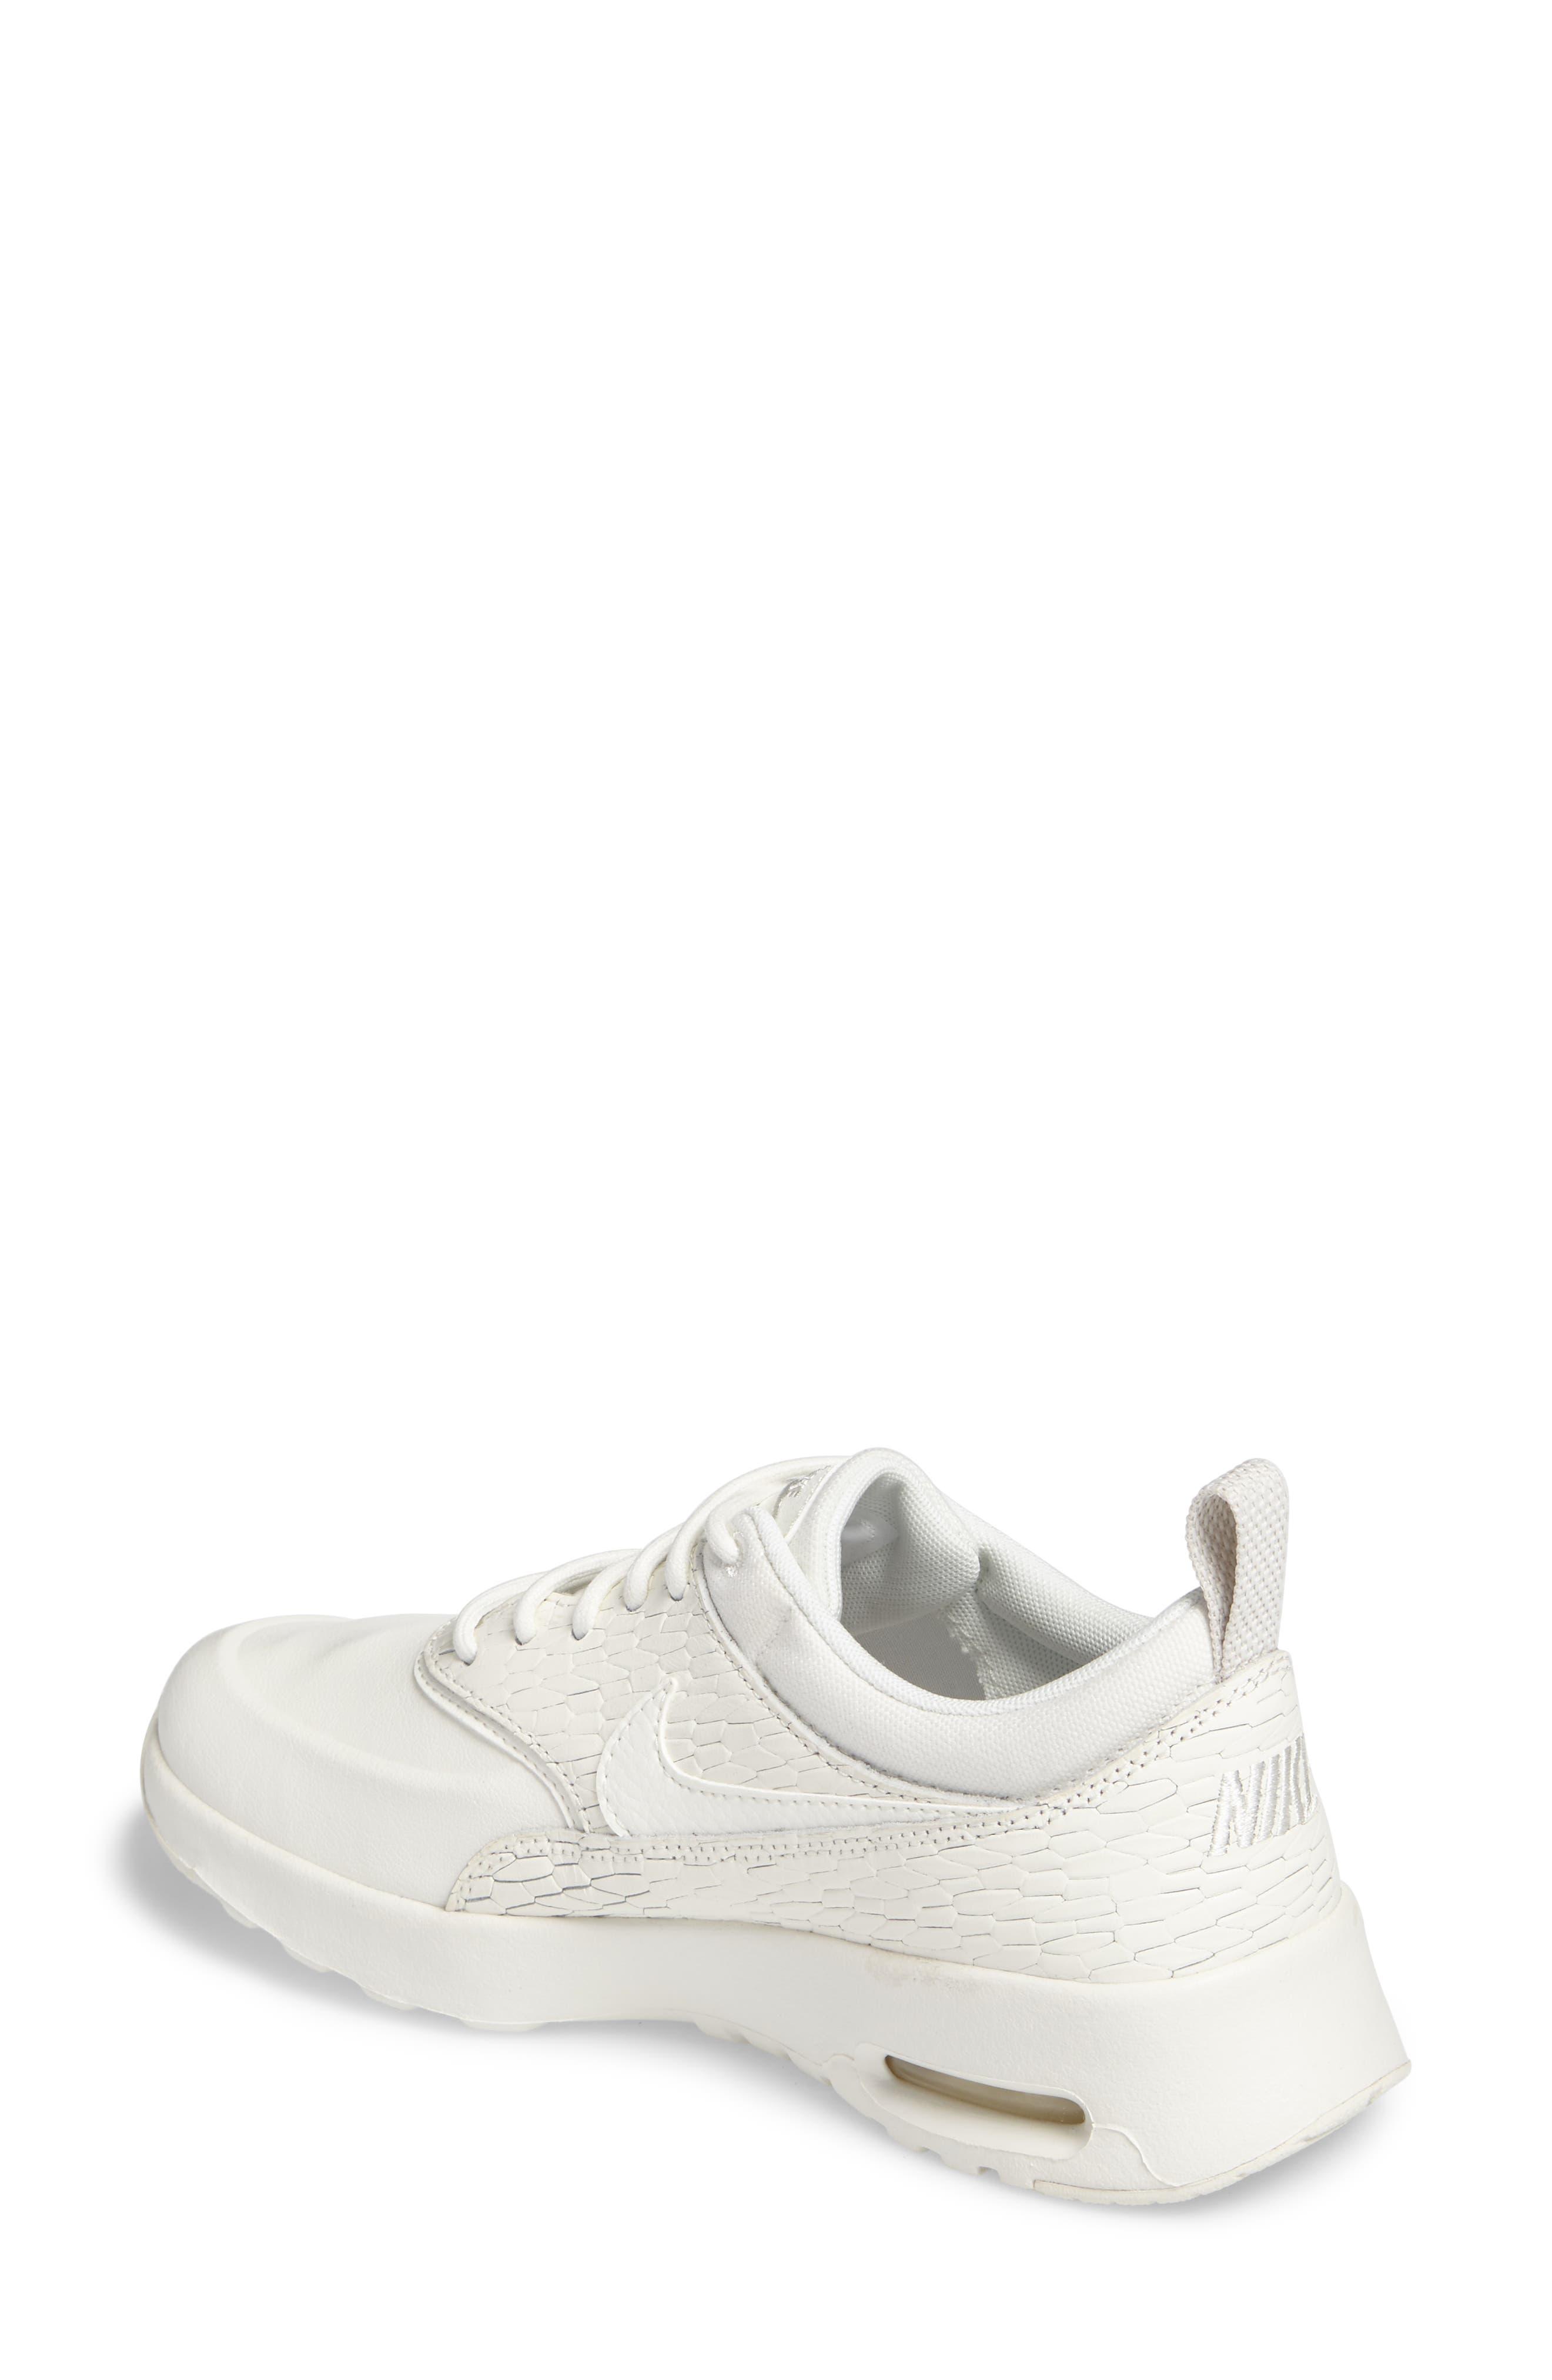 Air Max Thea Premium Sneaker,                             Alternate thumbnail 6, color,